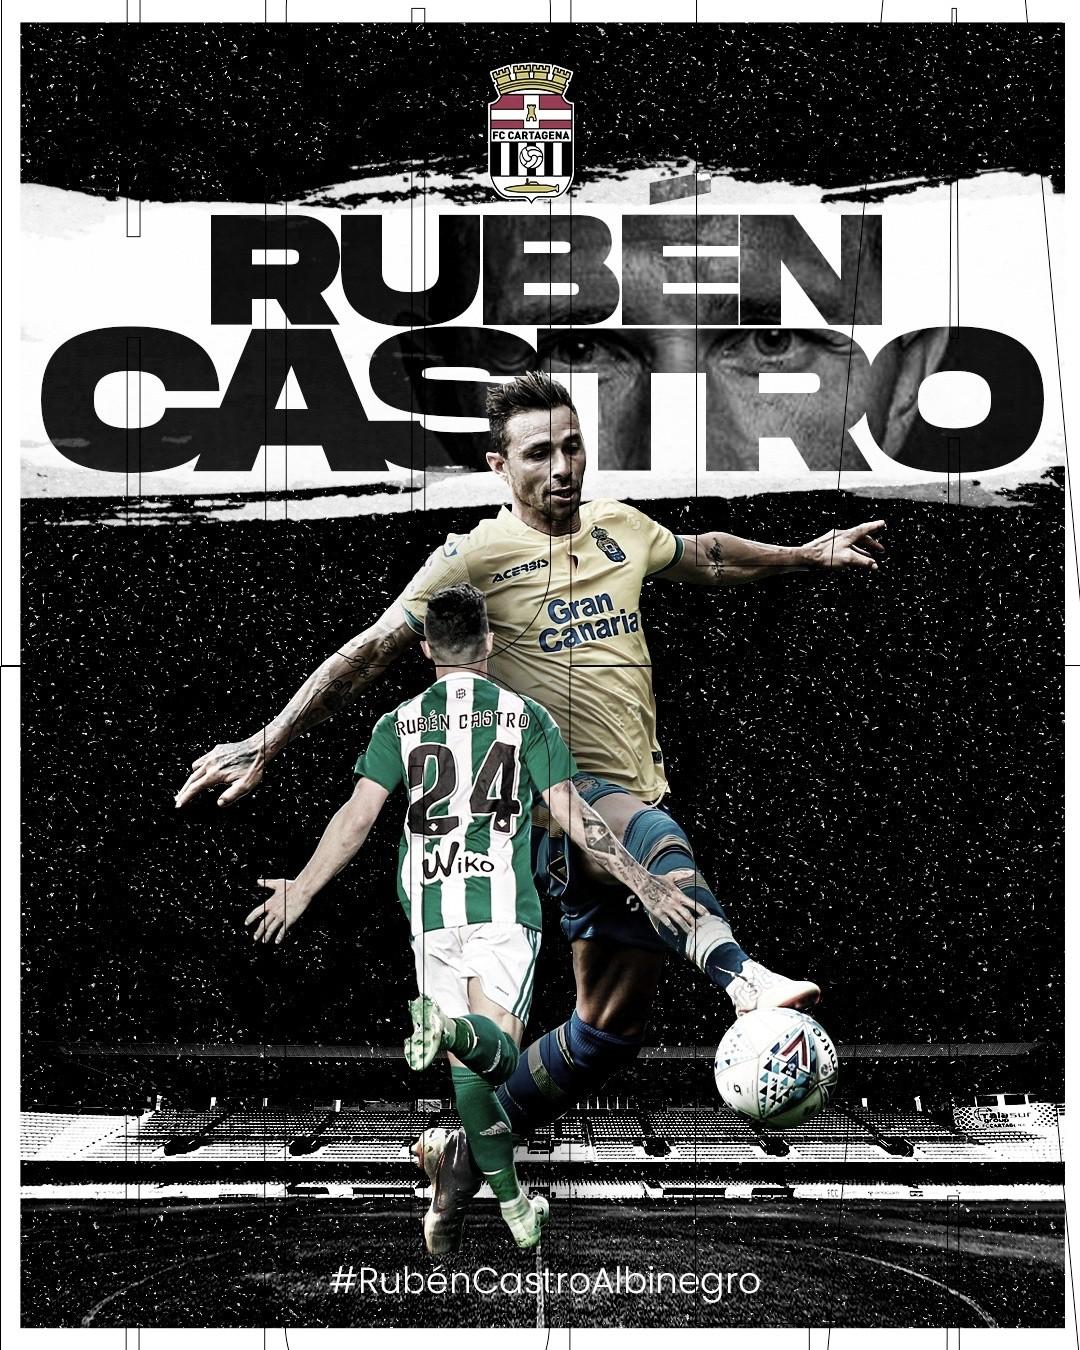 Rubén Castro, una bomba en el Cartagonova